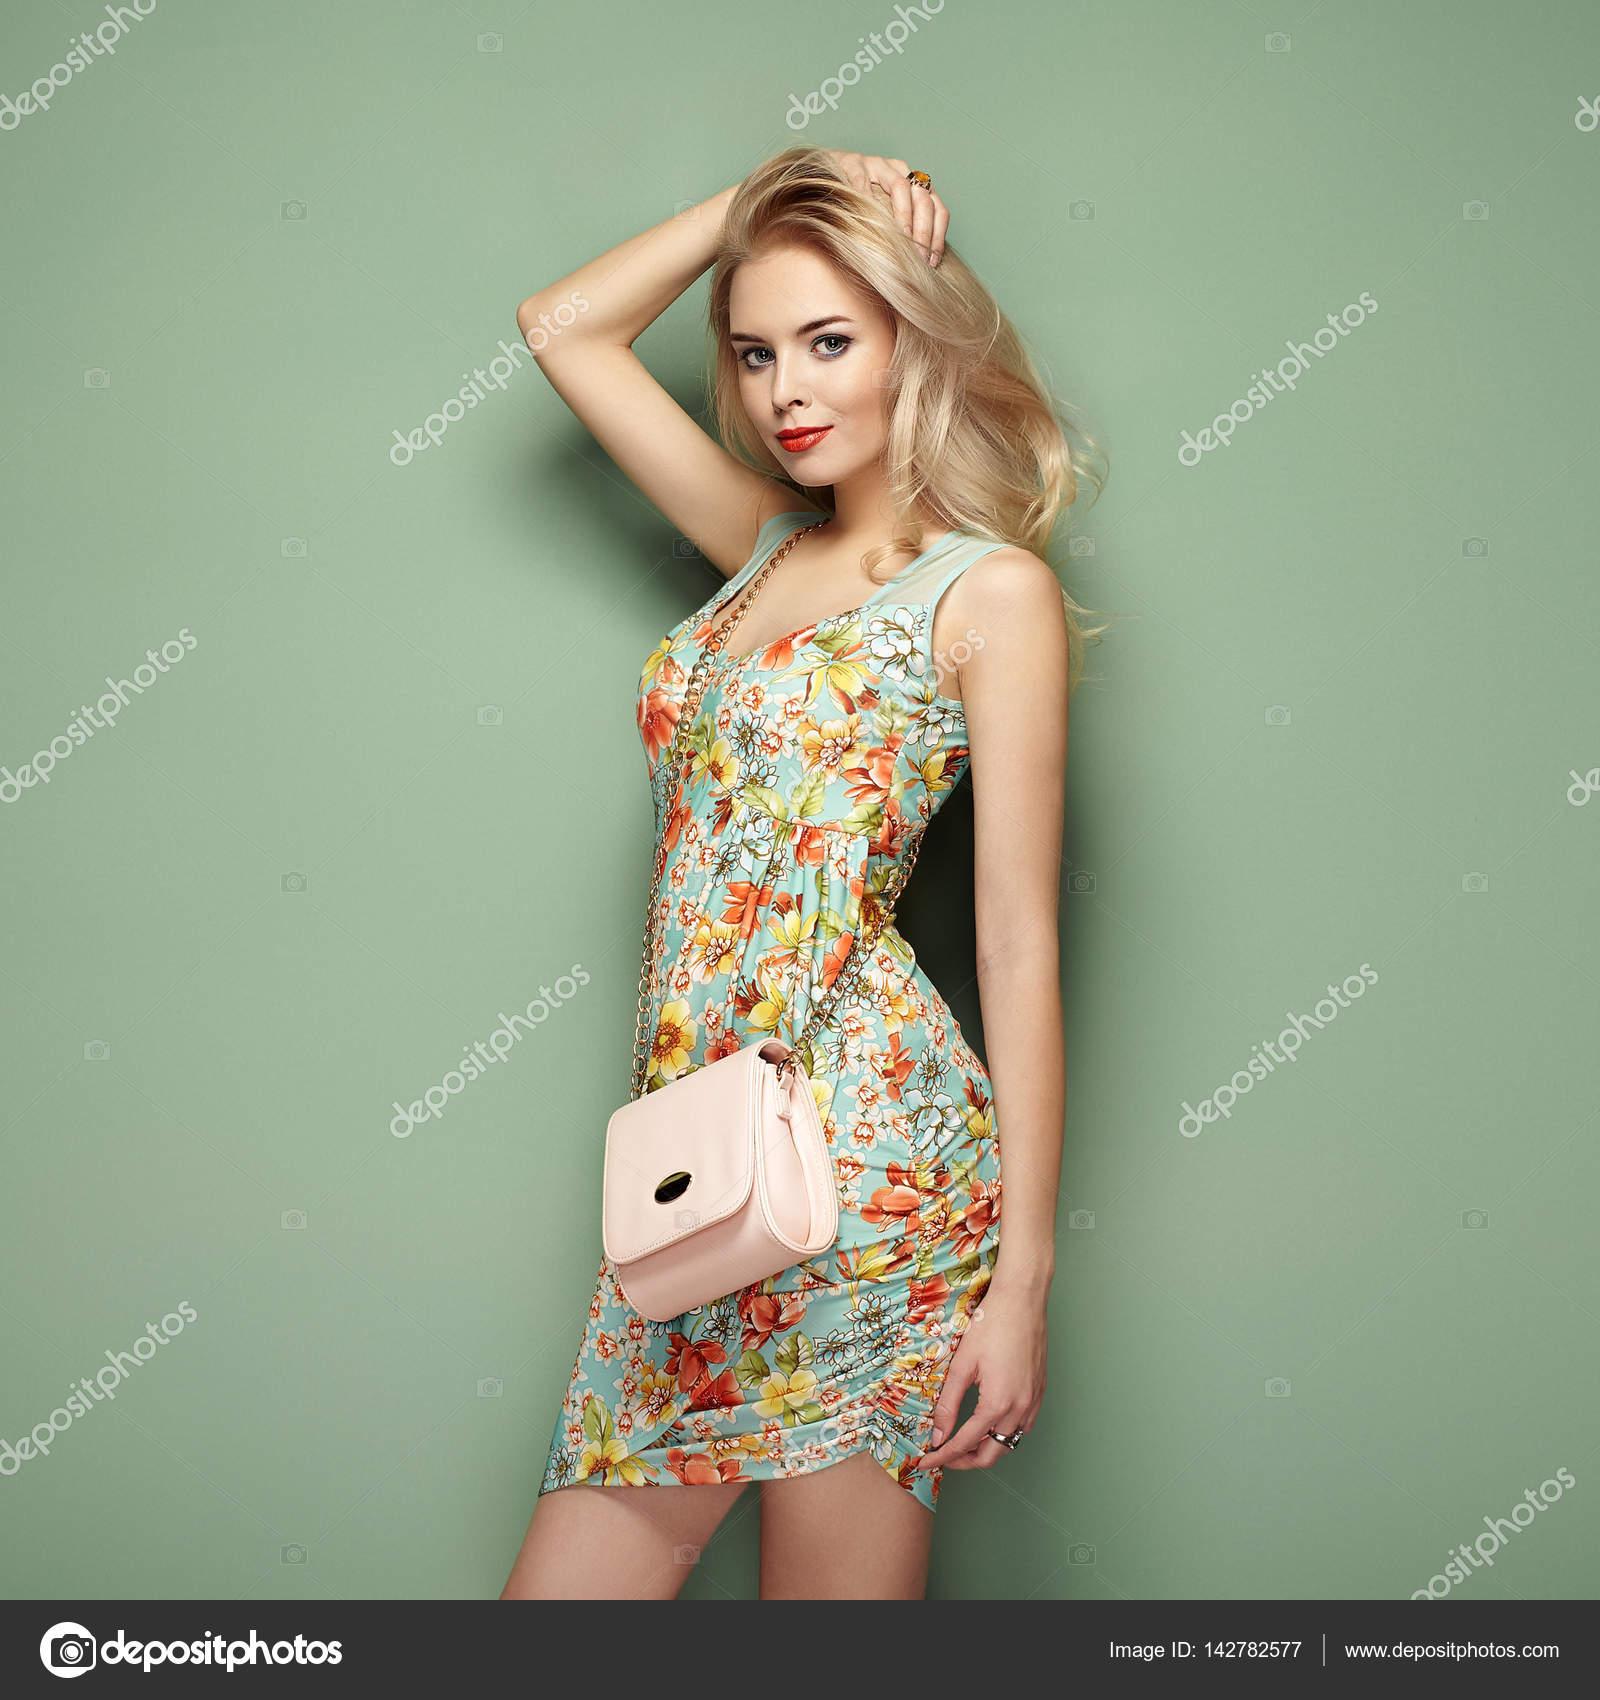 Sommerkleider fur blonde frauen